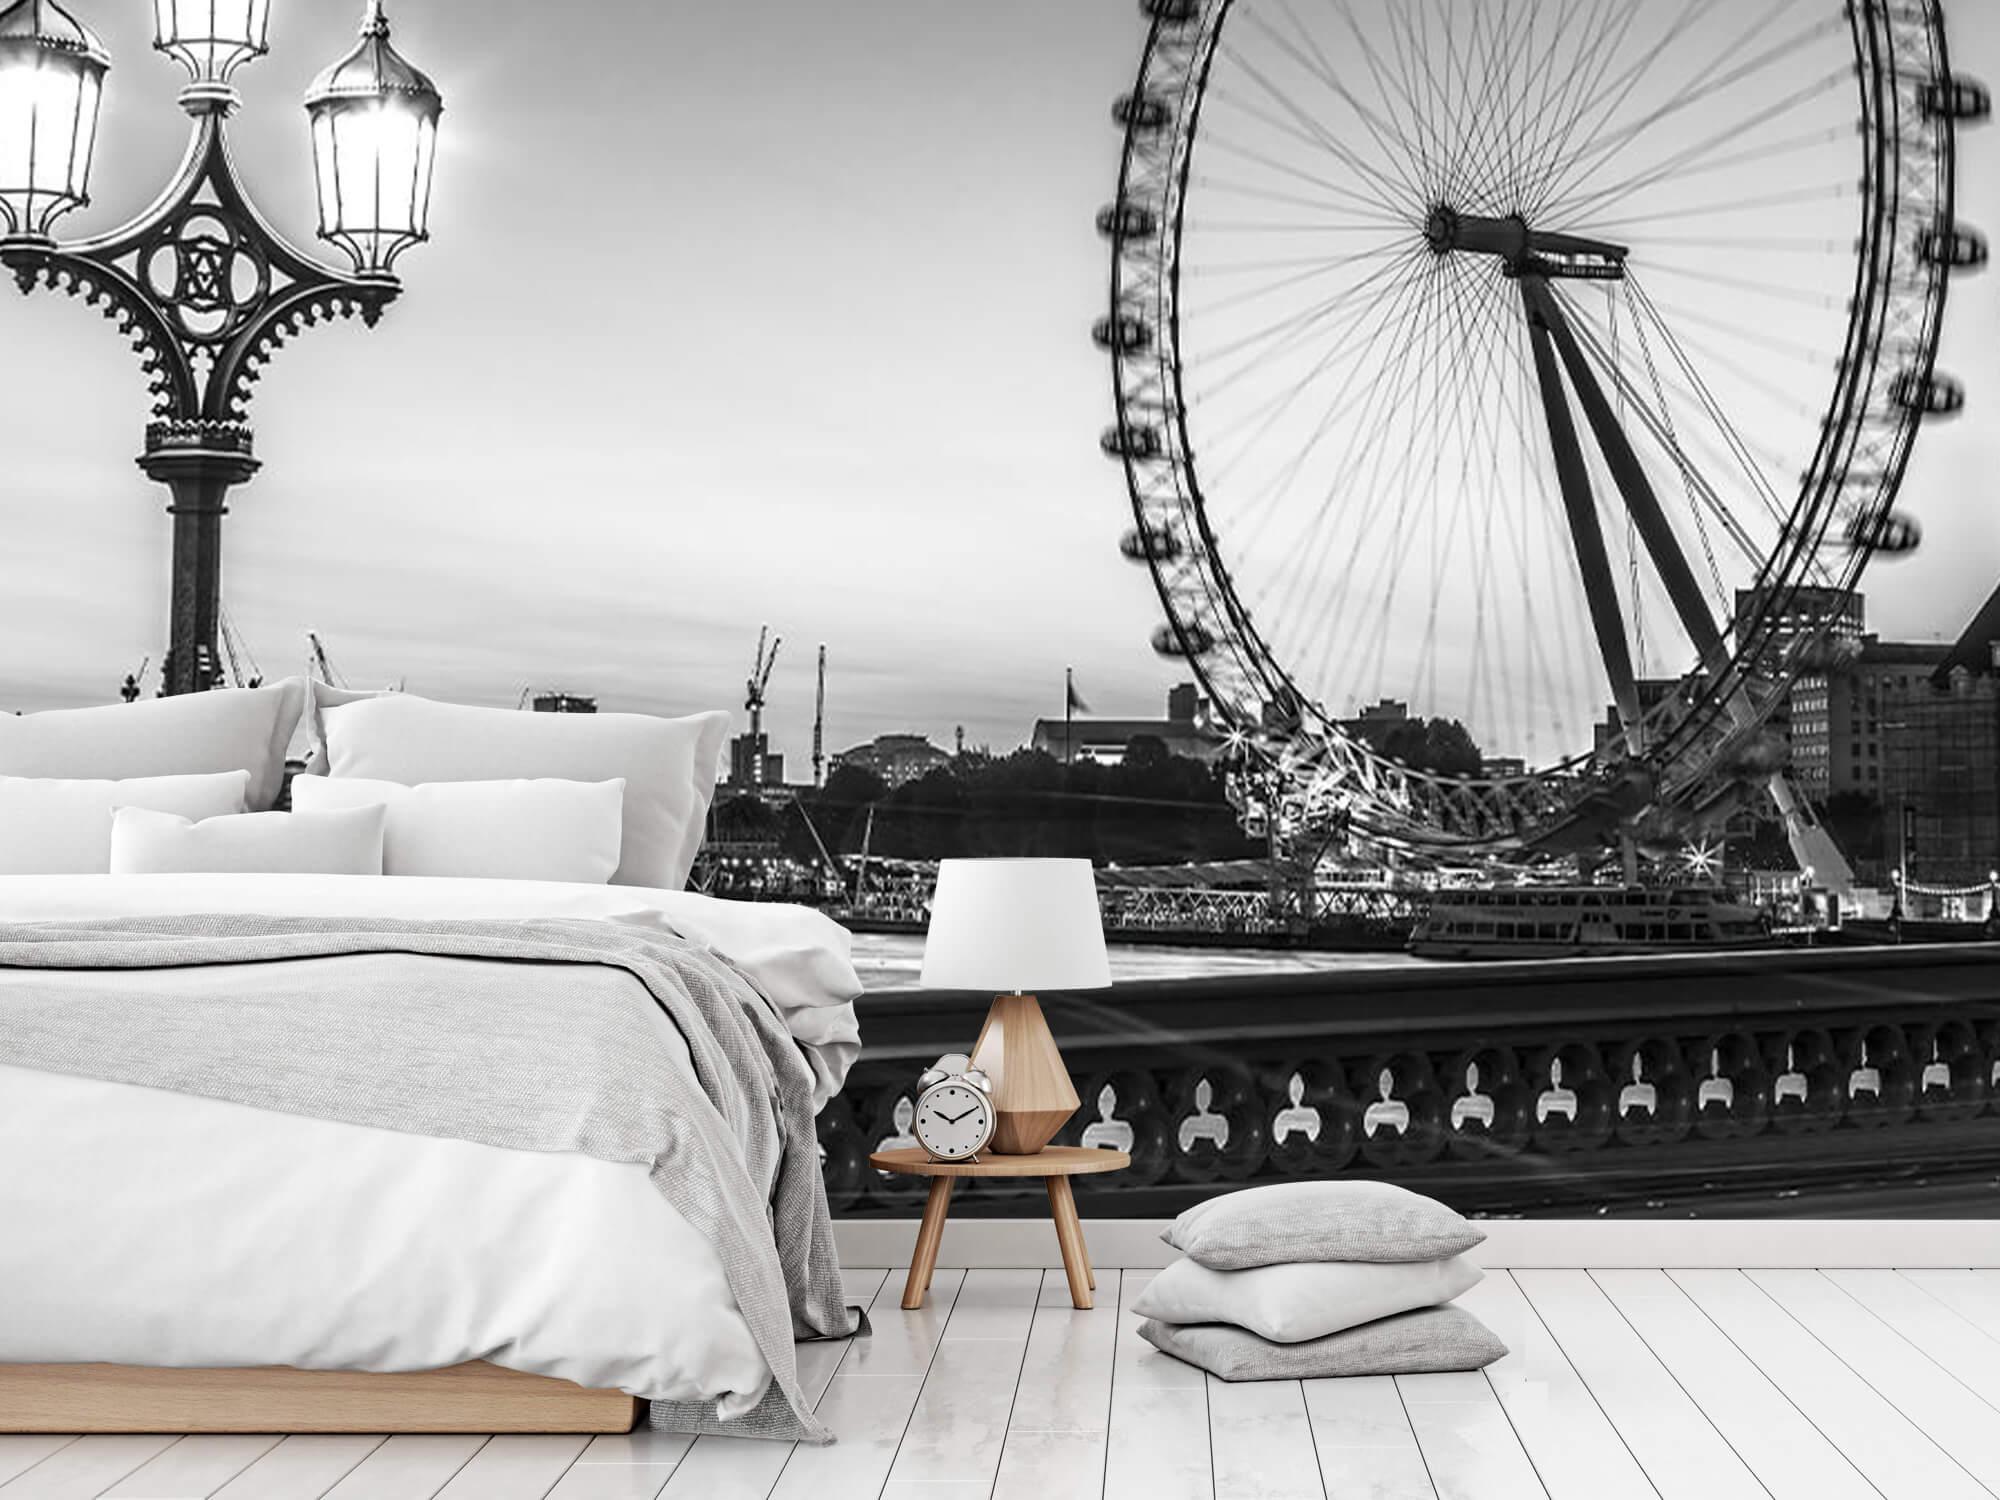 Pariserhjulet svart och vitt 8